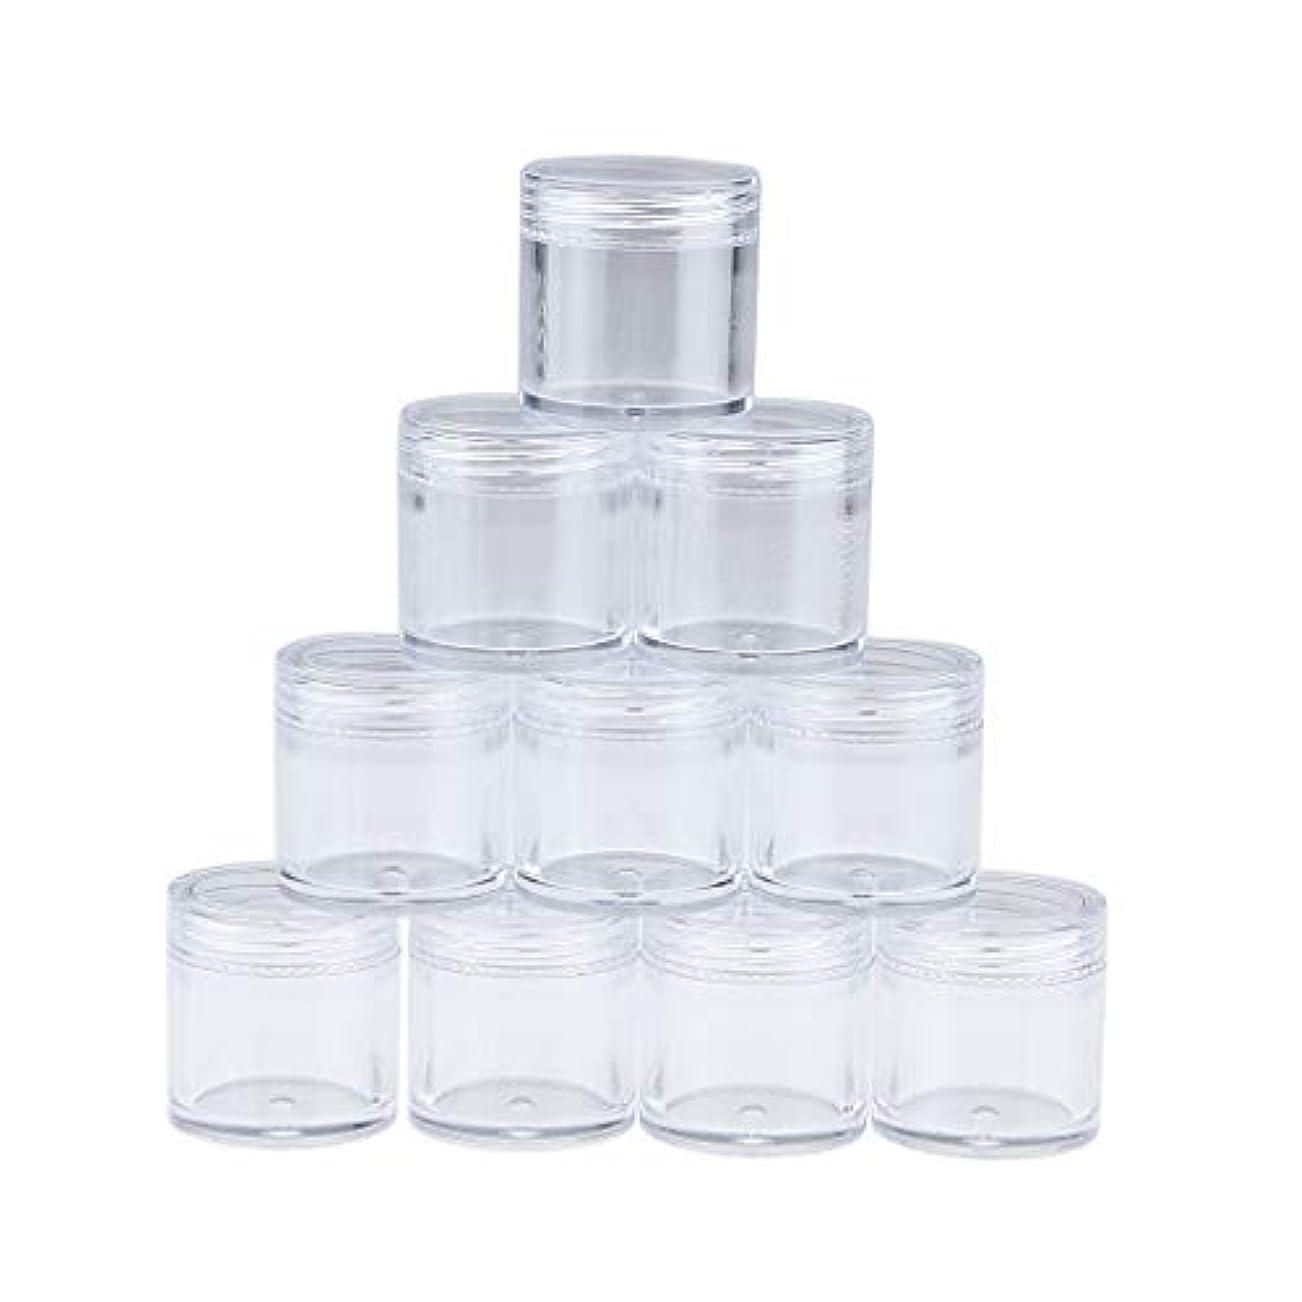 盟主下着余裕がある10個のプラスチック製の透明な空のクリームジャー、透明なスクリューキャップの蓋付きの化粧品サンプルラウンドポットコンテナ、メイクアップ用の小さなパウダーボトル - 10g(B)